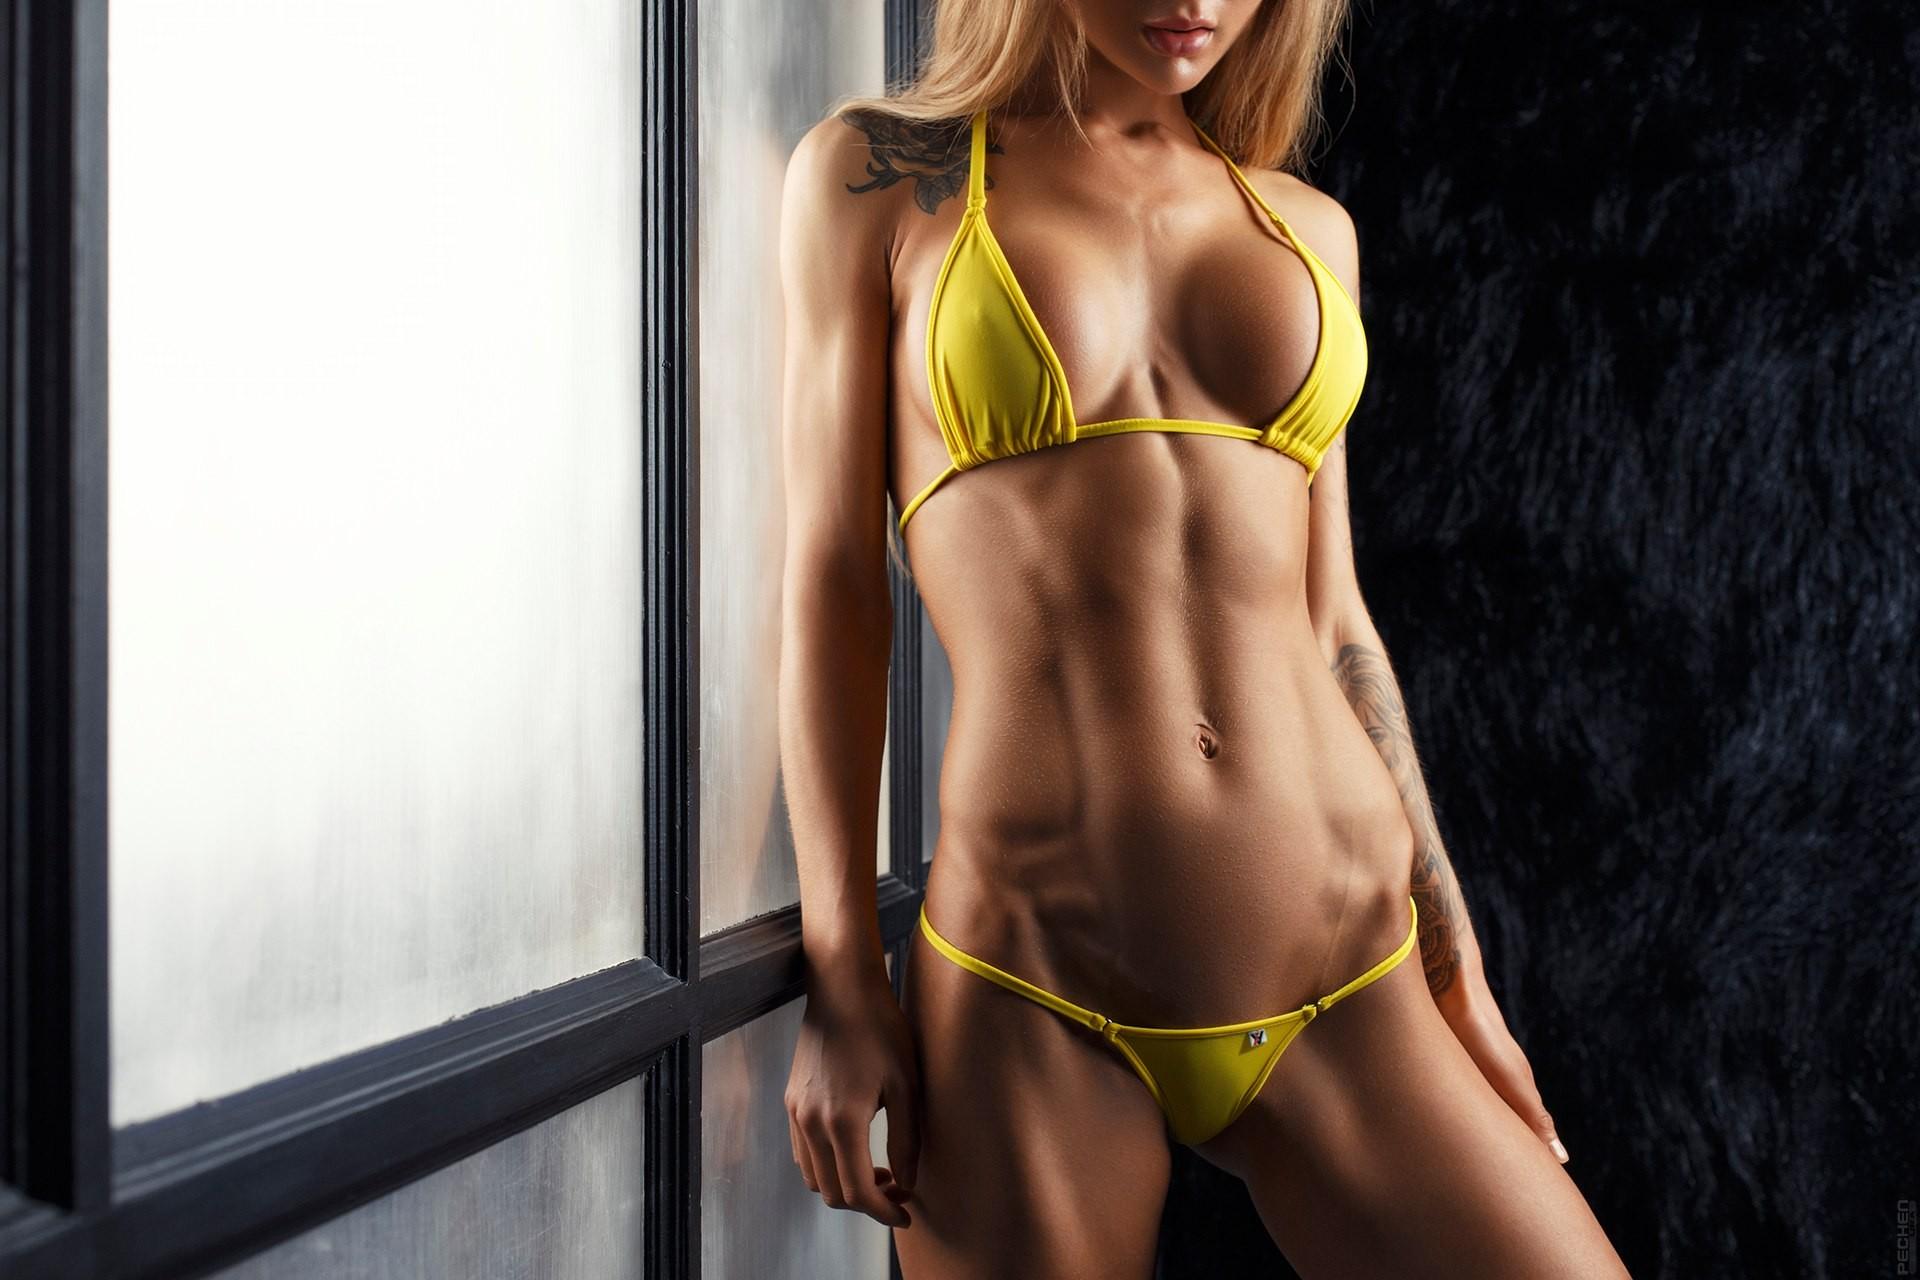 Nude Swedish Girl Hd